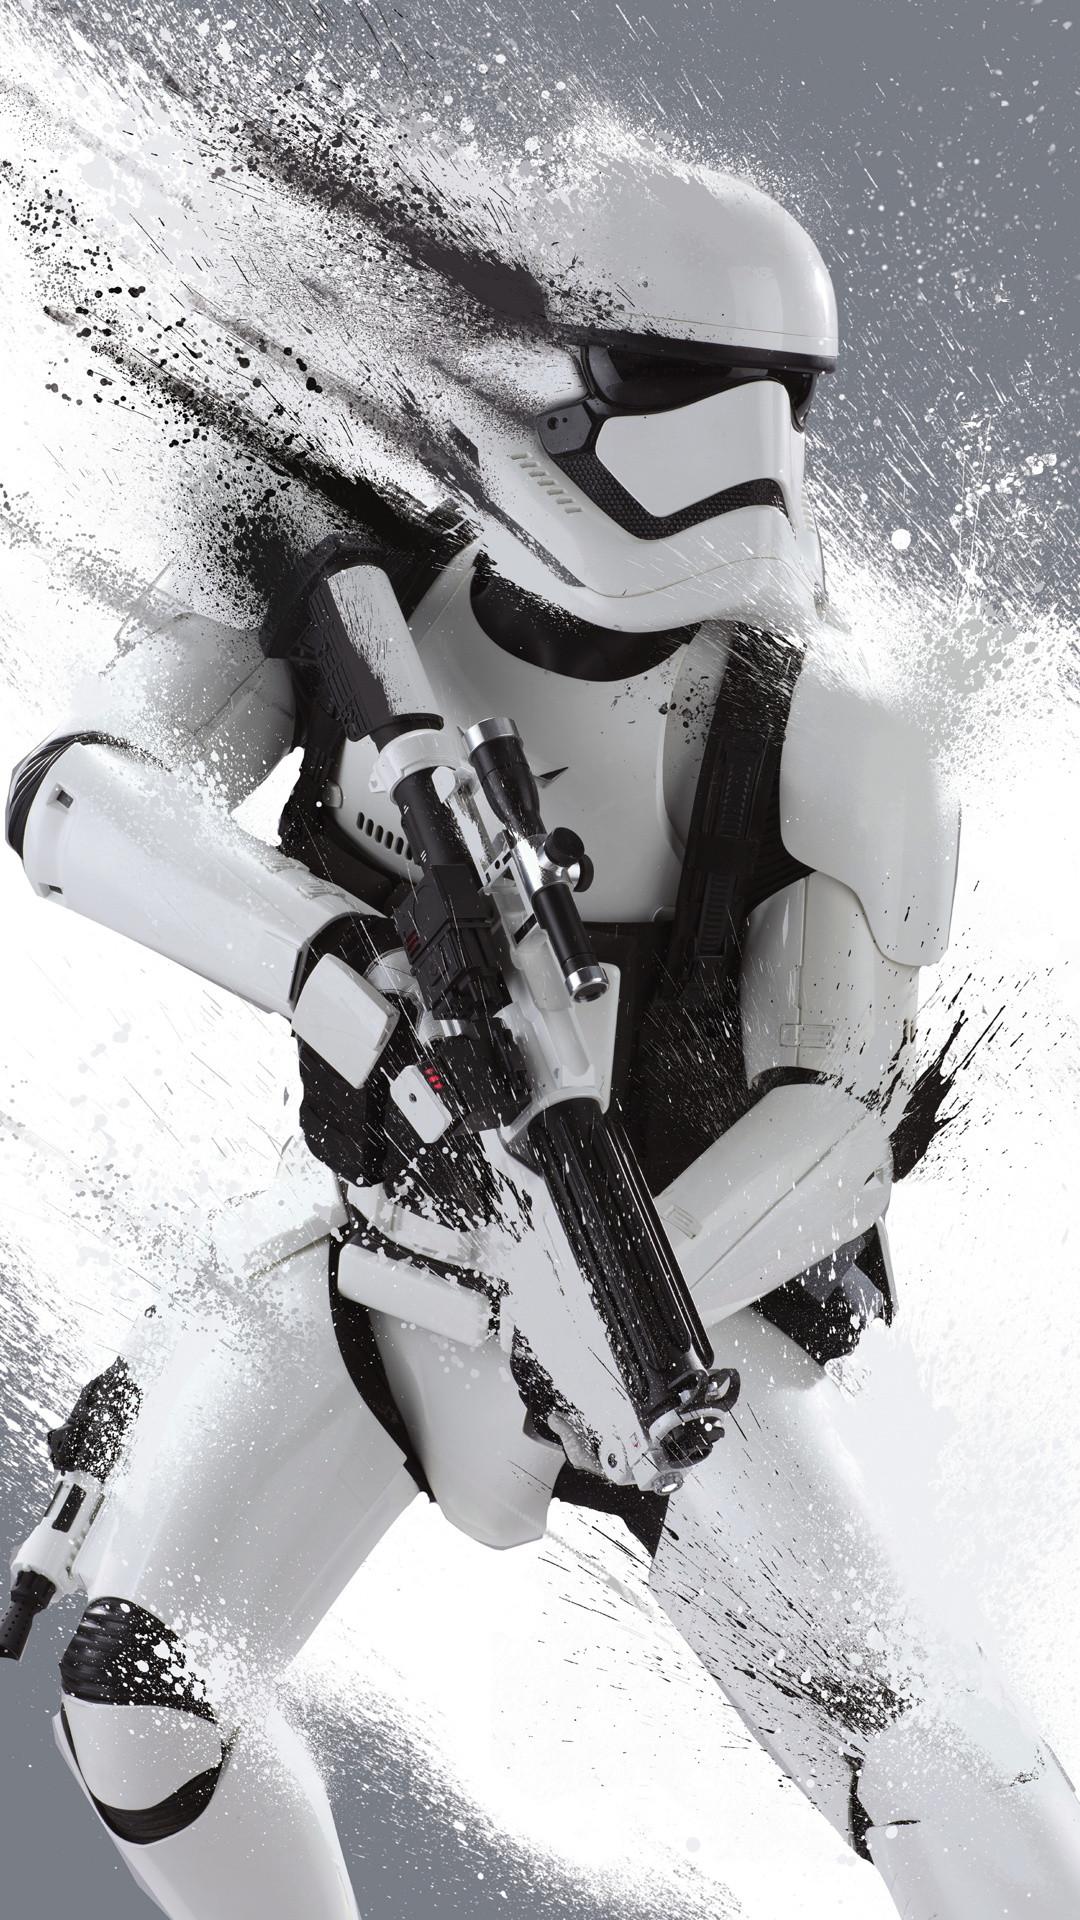 Star Wars mobile wallpaper Dump